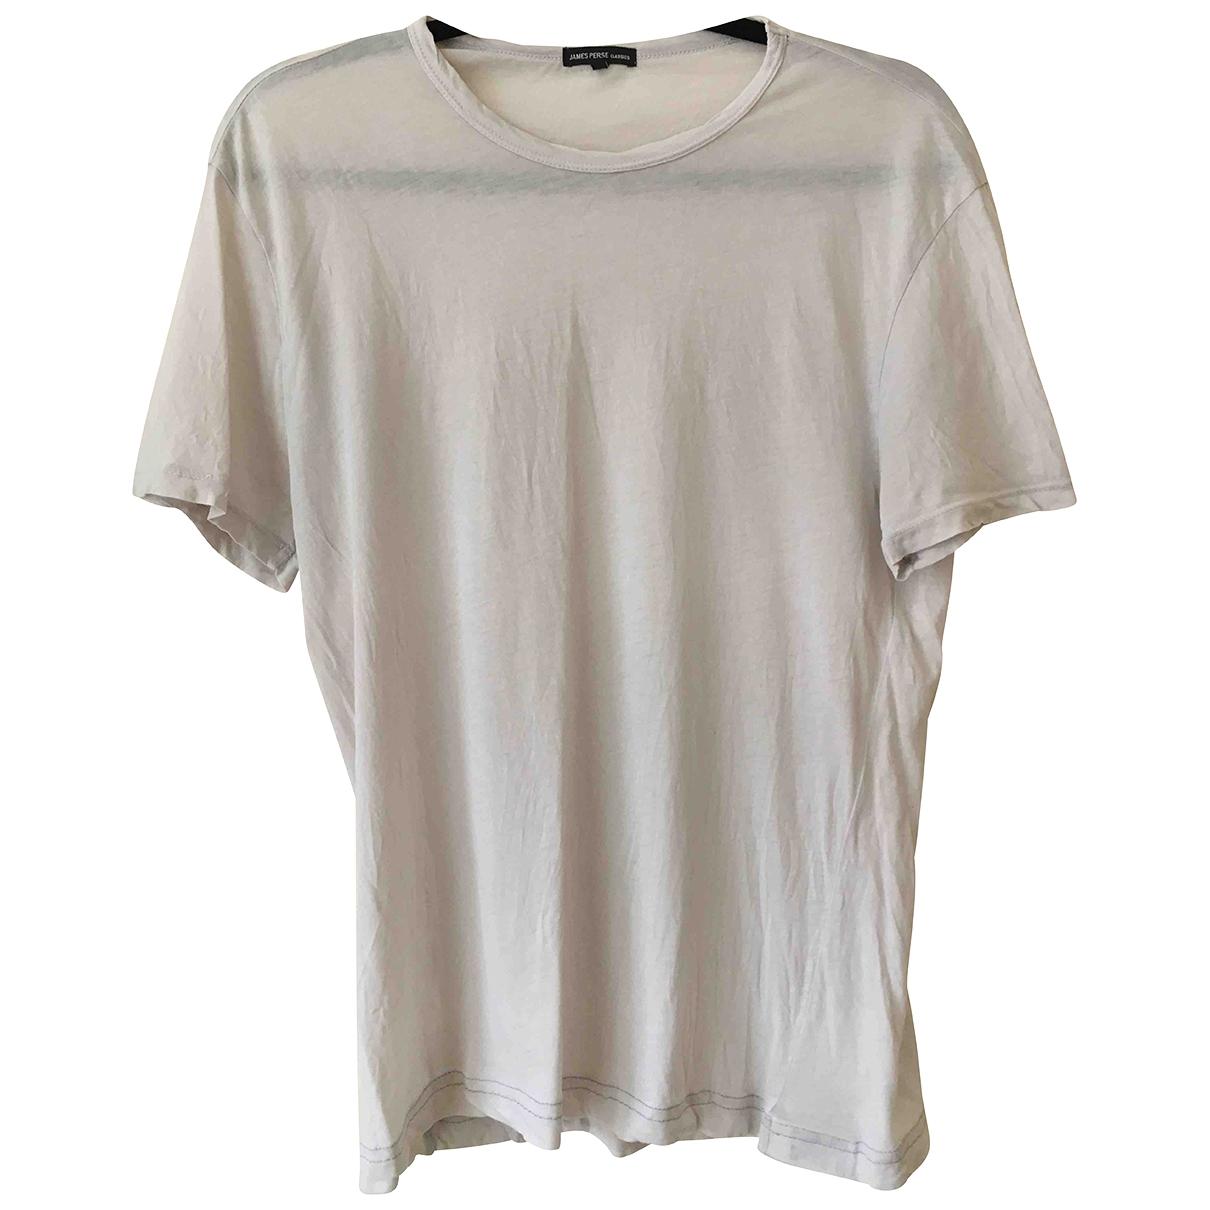 James Perse - Tee shirts   pour homme en coton - argente